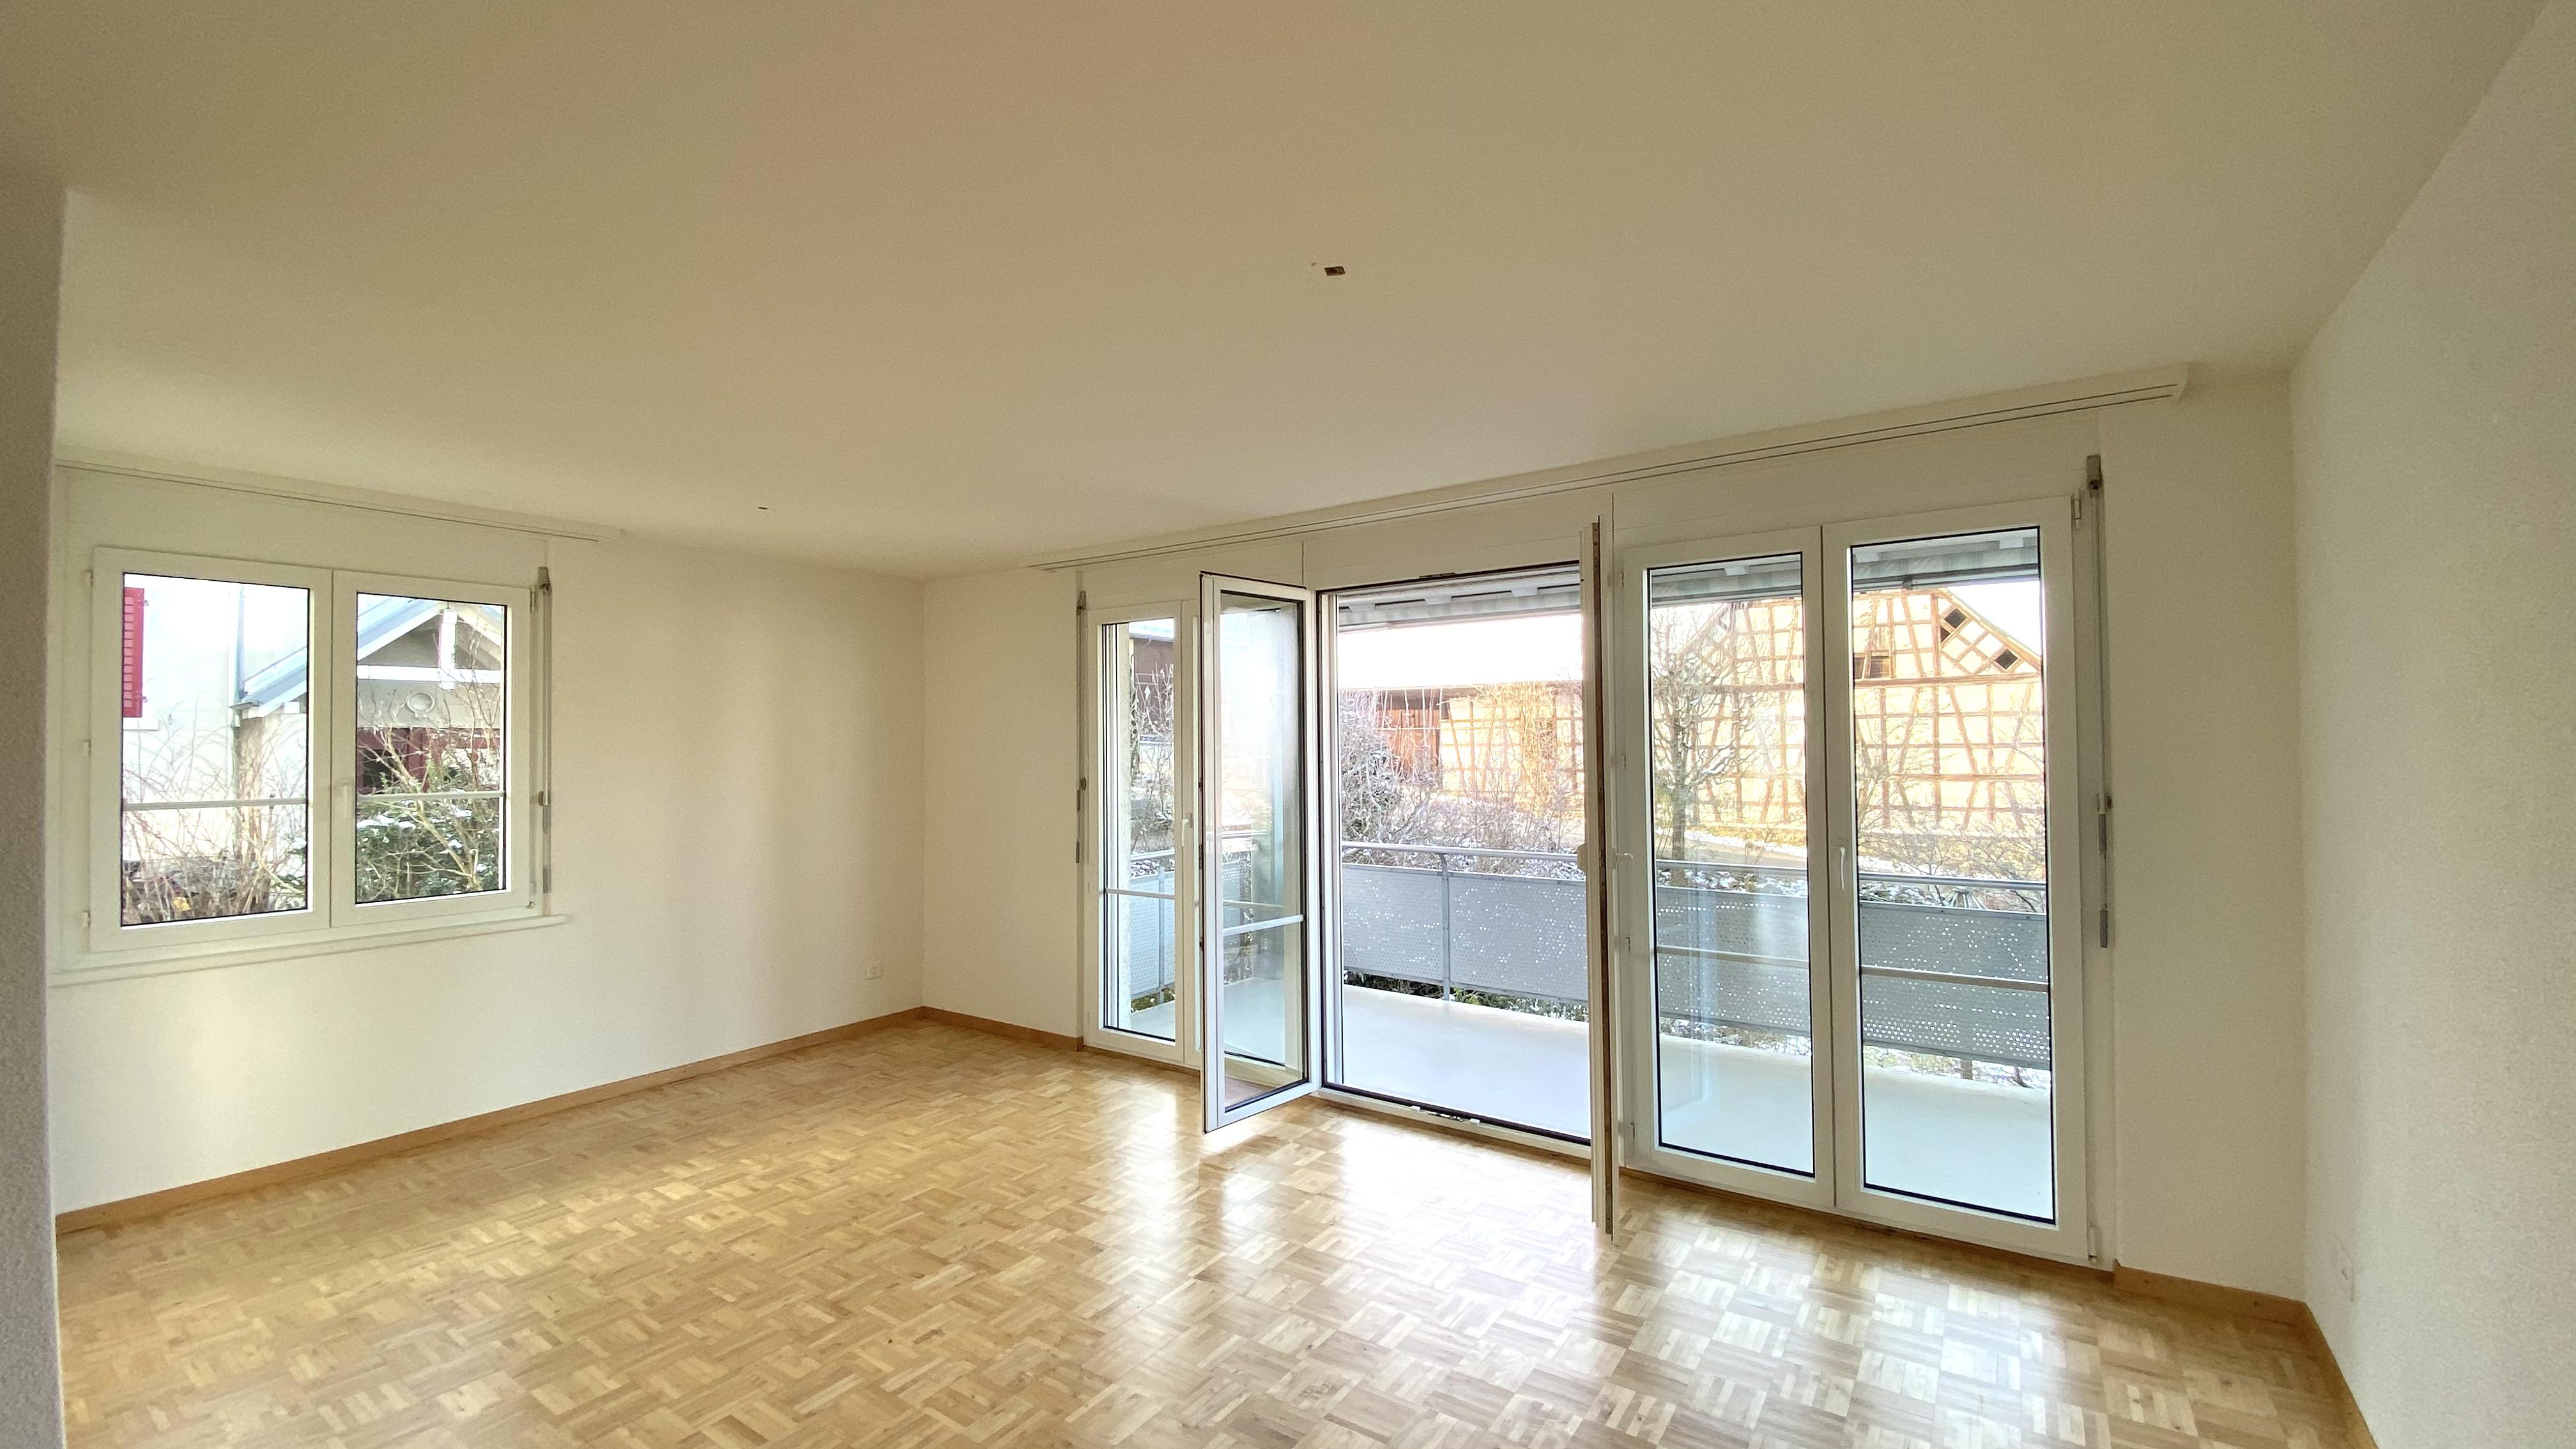 Wohnzimmer mit dem gedeckten Balkon